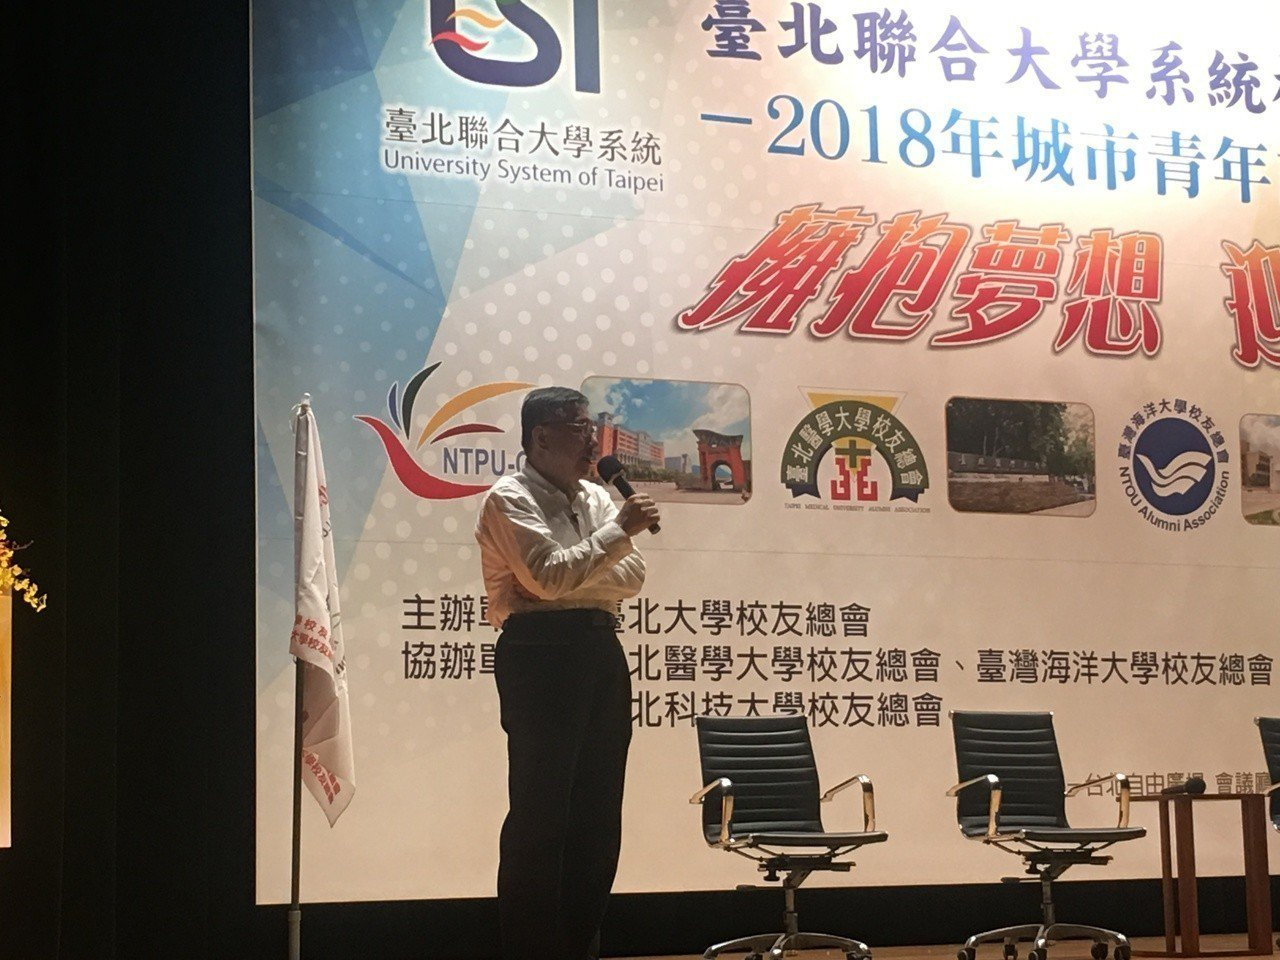 台北市長柯文哲1日下午出席城市青年論壇演說,主題是「從醫生到市長」。記者魏莨伊/...